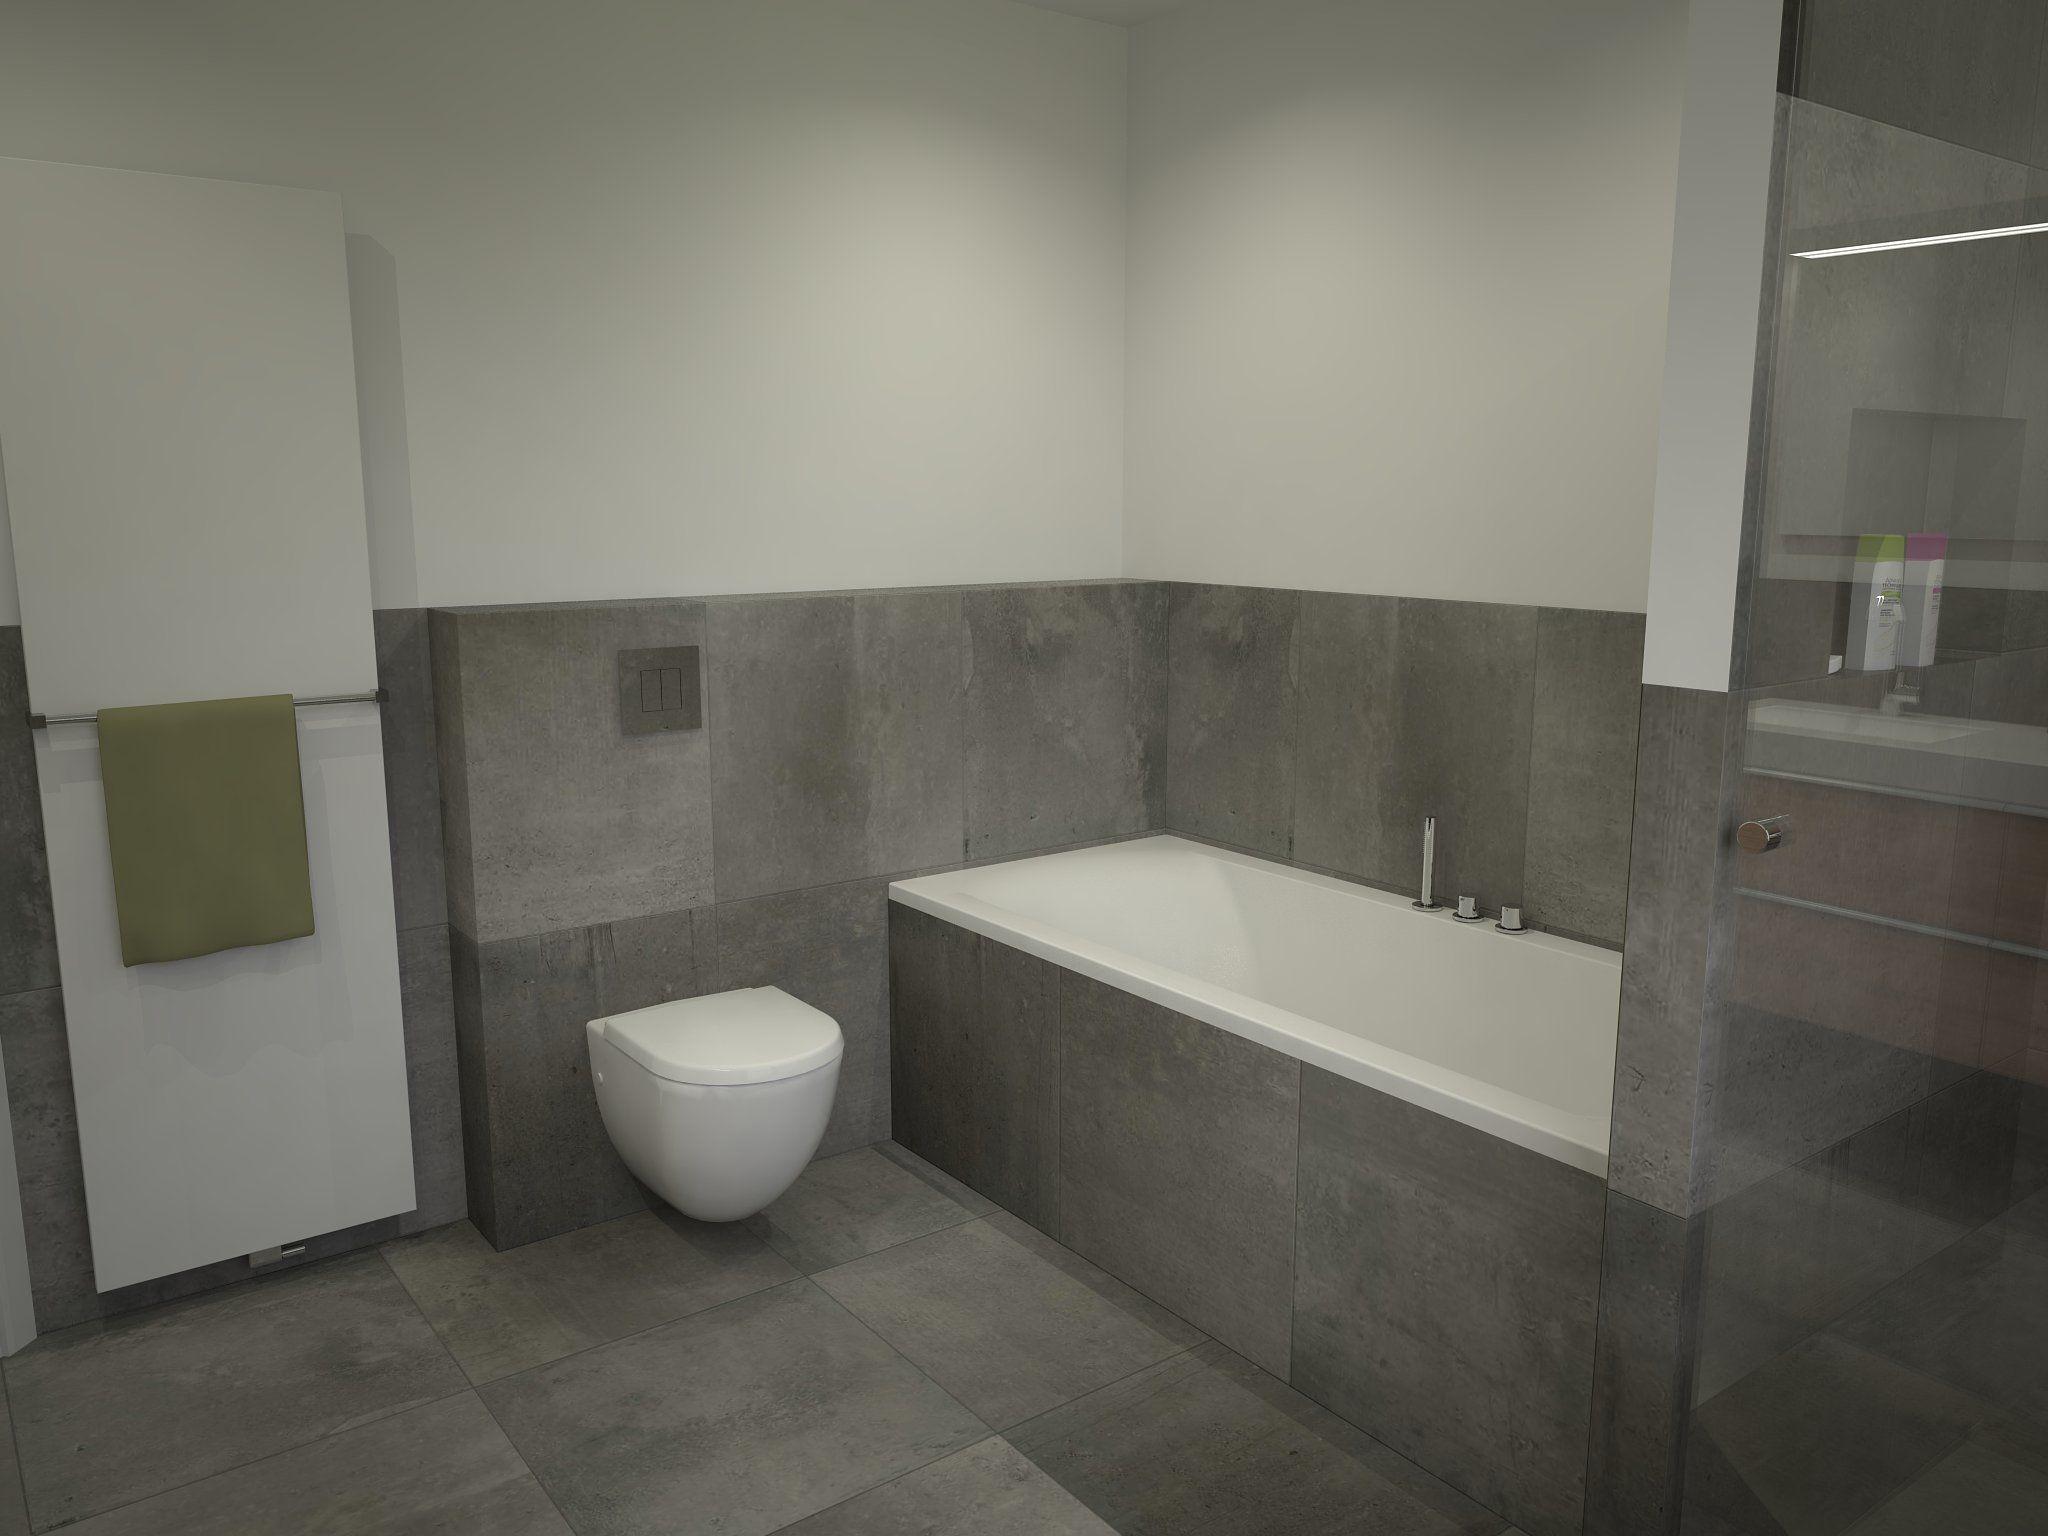 Badkamer Tegel Betonlook : Deze badkamer roosendaal is praktisch en van alle gemakken